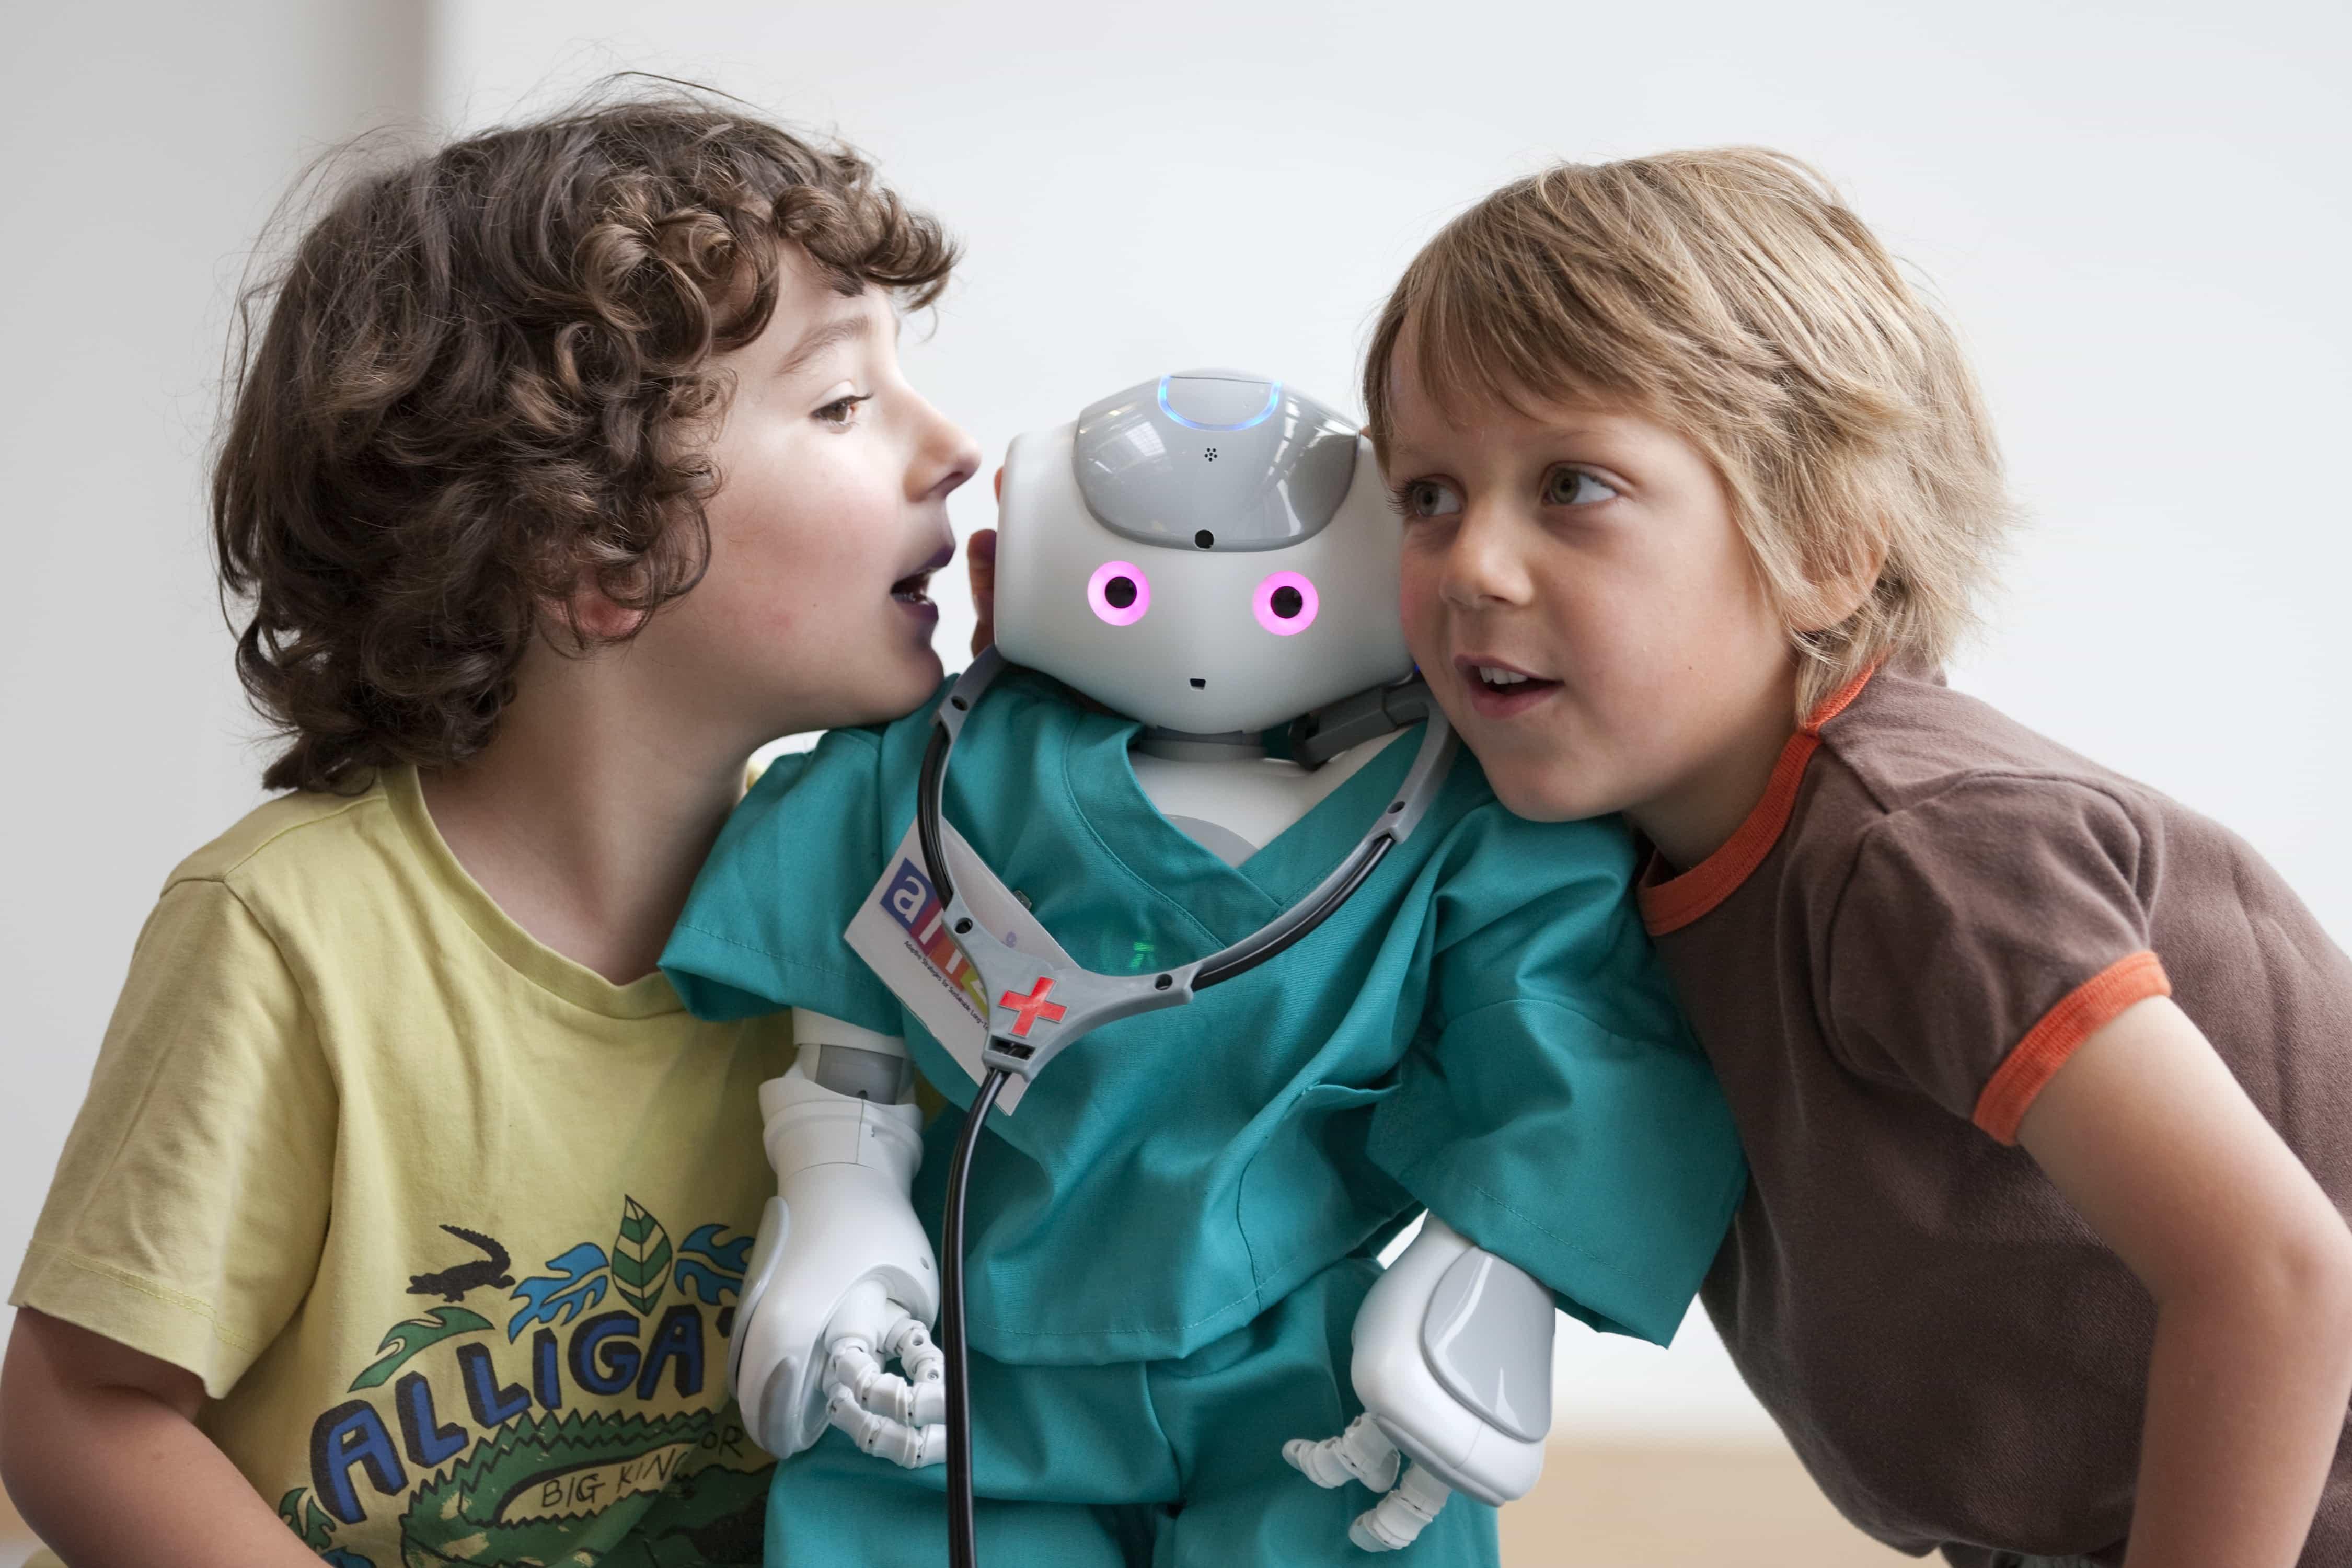 Роботы заставили детей стать конформистами